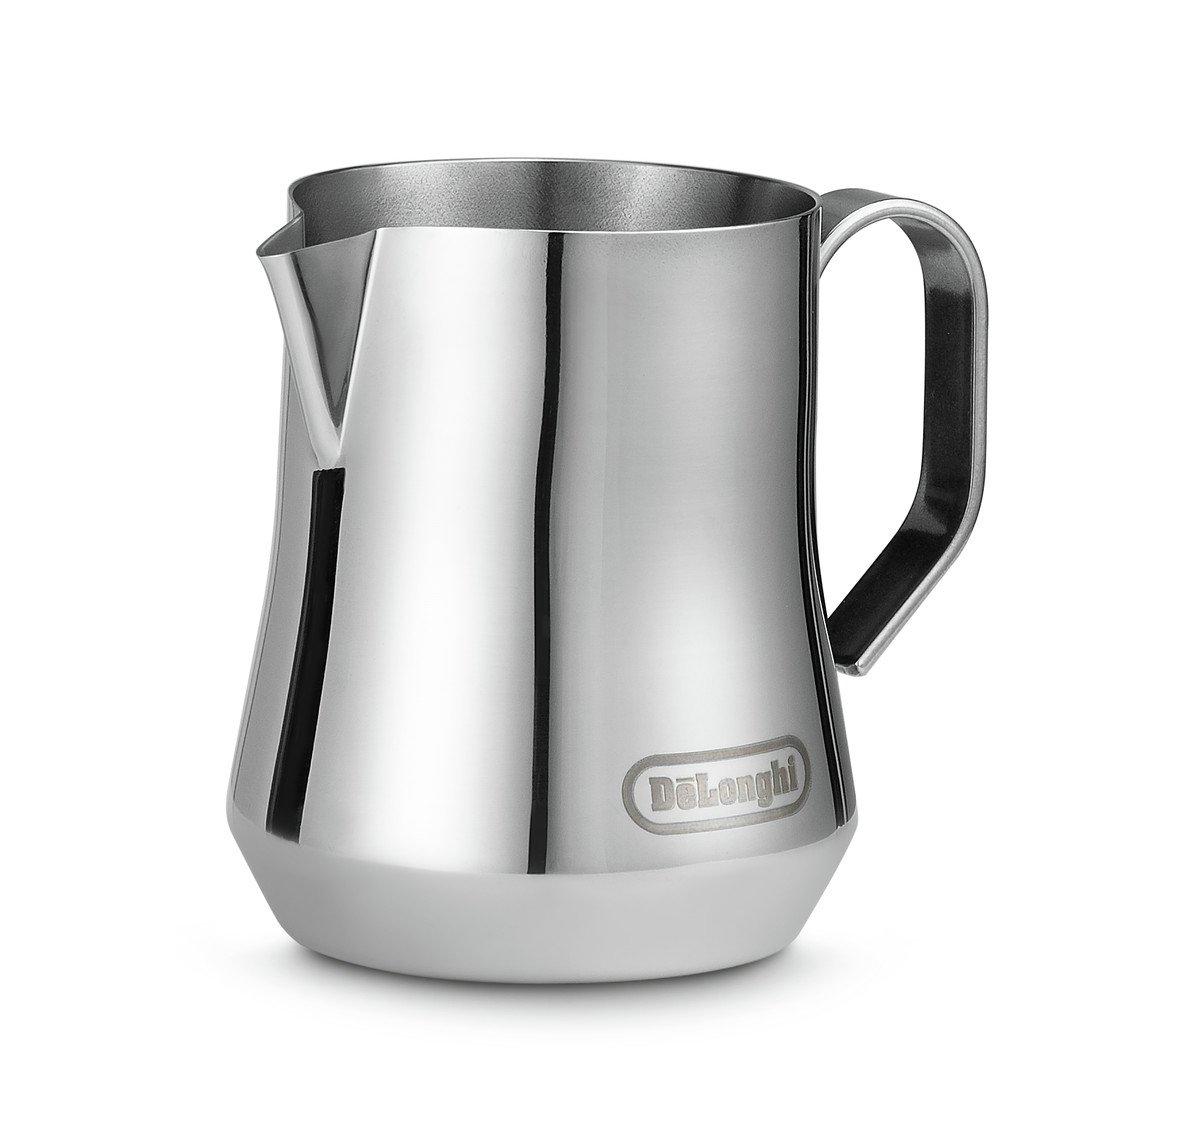 De'Longhi 350ml Milk Jug - Brushed Stainless Steel